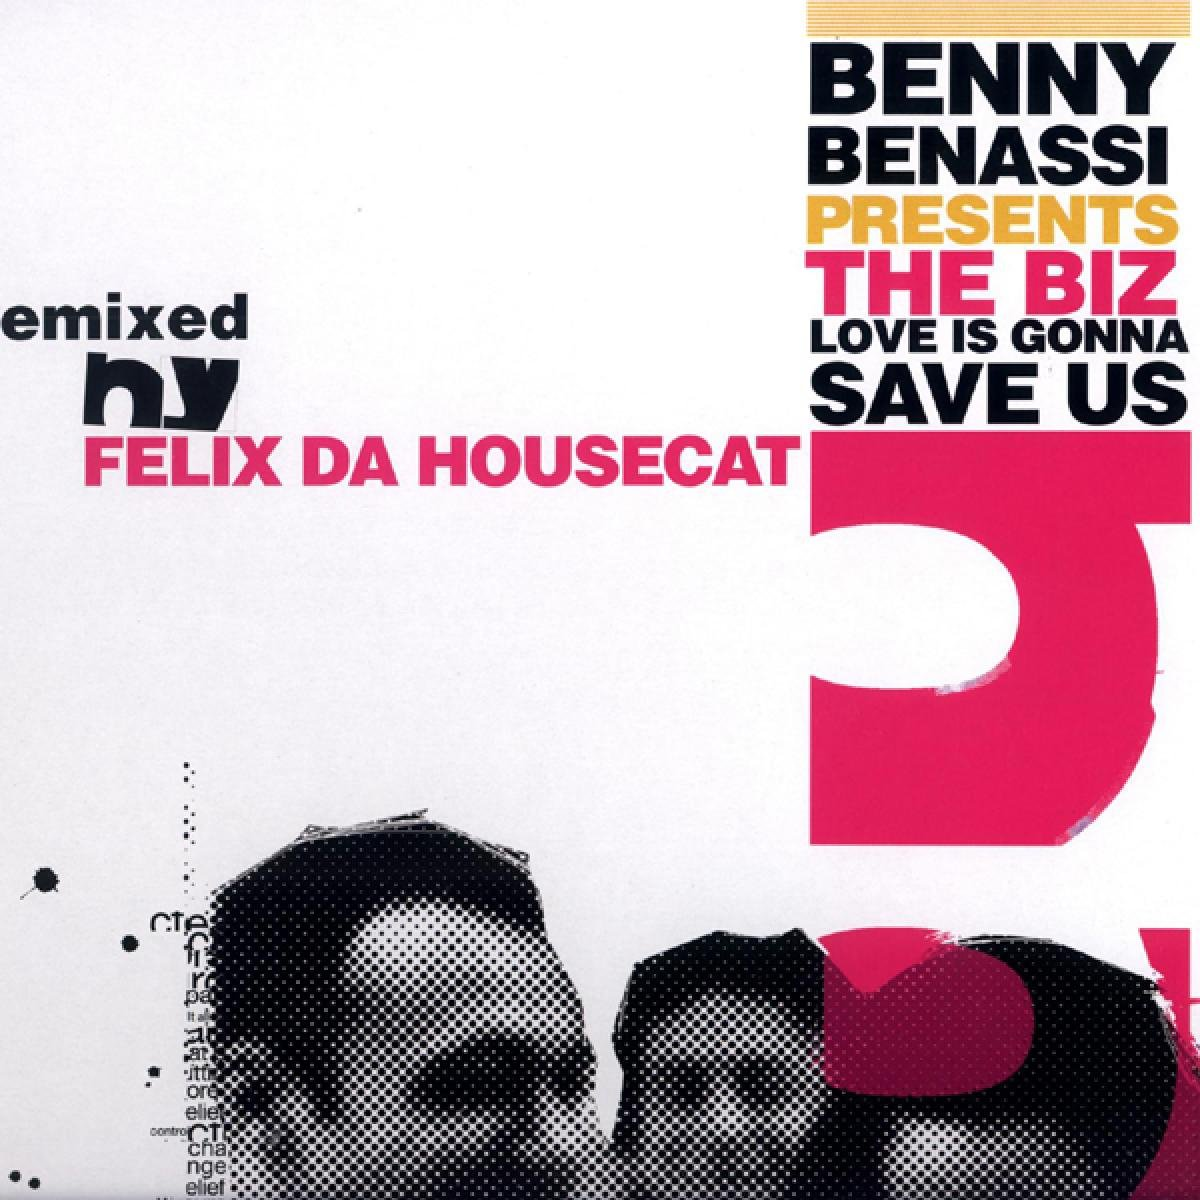 Бенни Бенасси Benny Benassi. Love Is Gonna Save Us (LP) бенни бенасси grand collection benny benassi